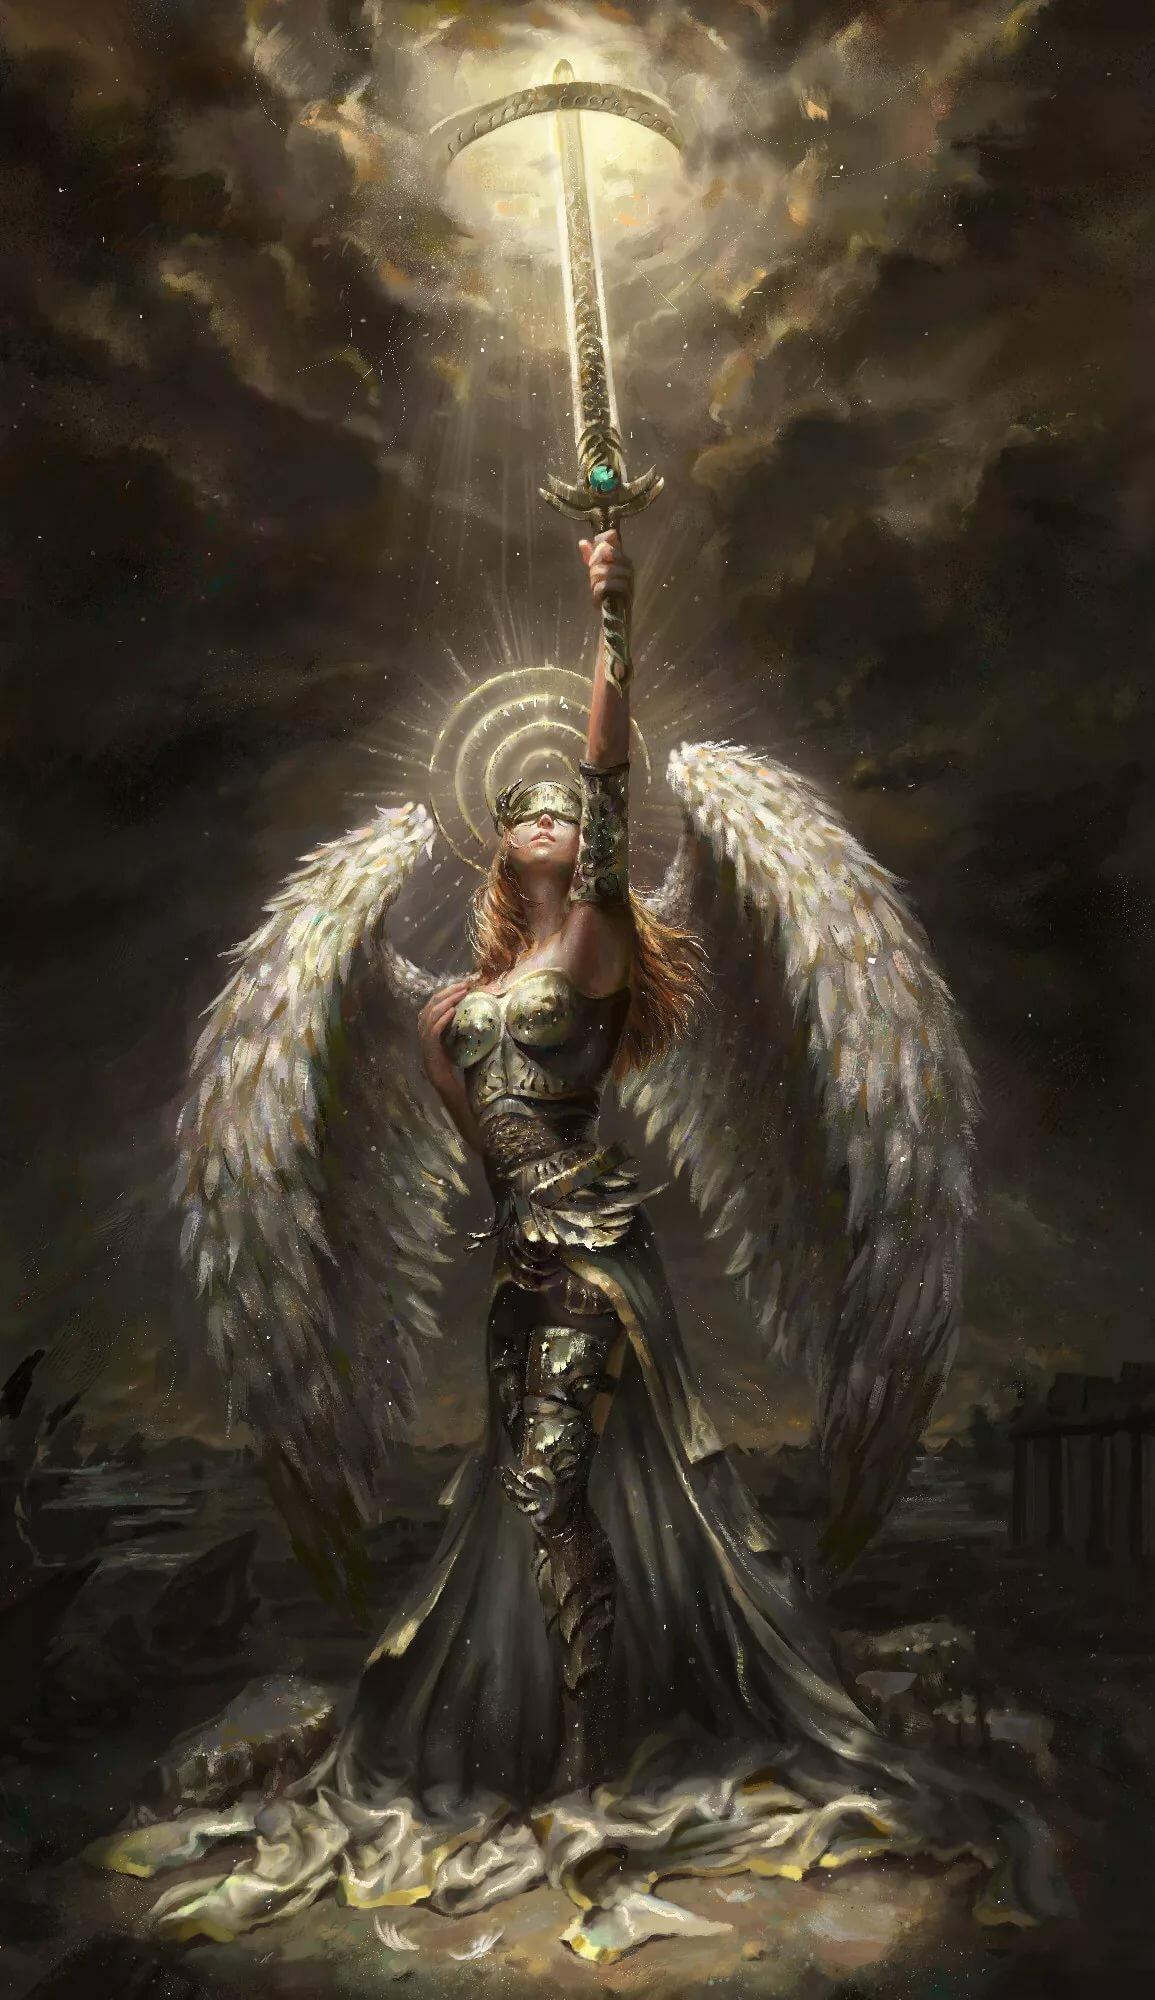 Картинки анимации с архангелами